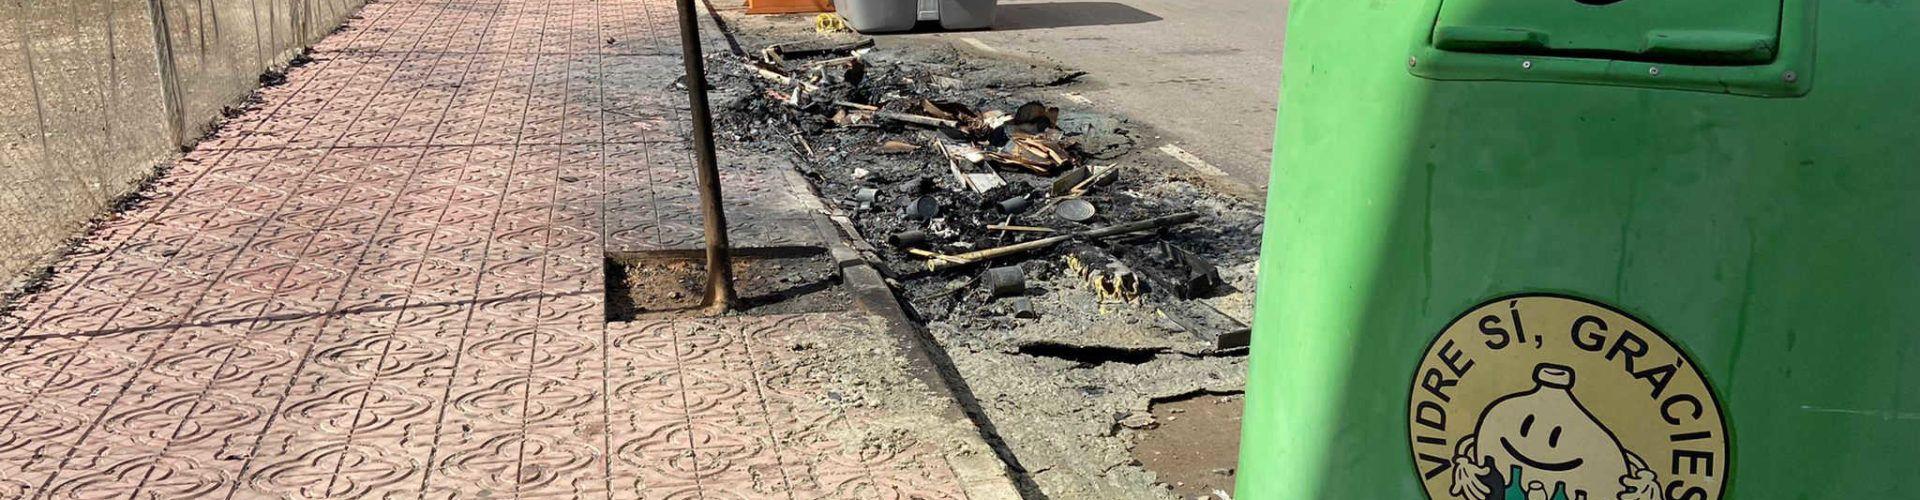 La Policia Local de Vinaròs deté el presumpte responsable del incendis dels contenidors